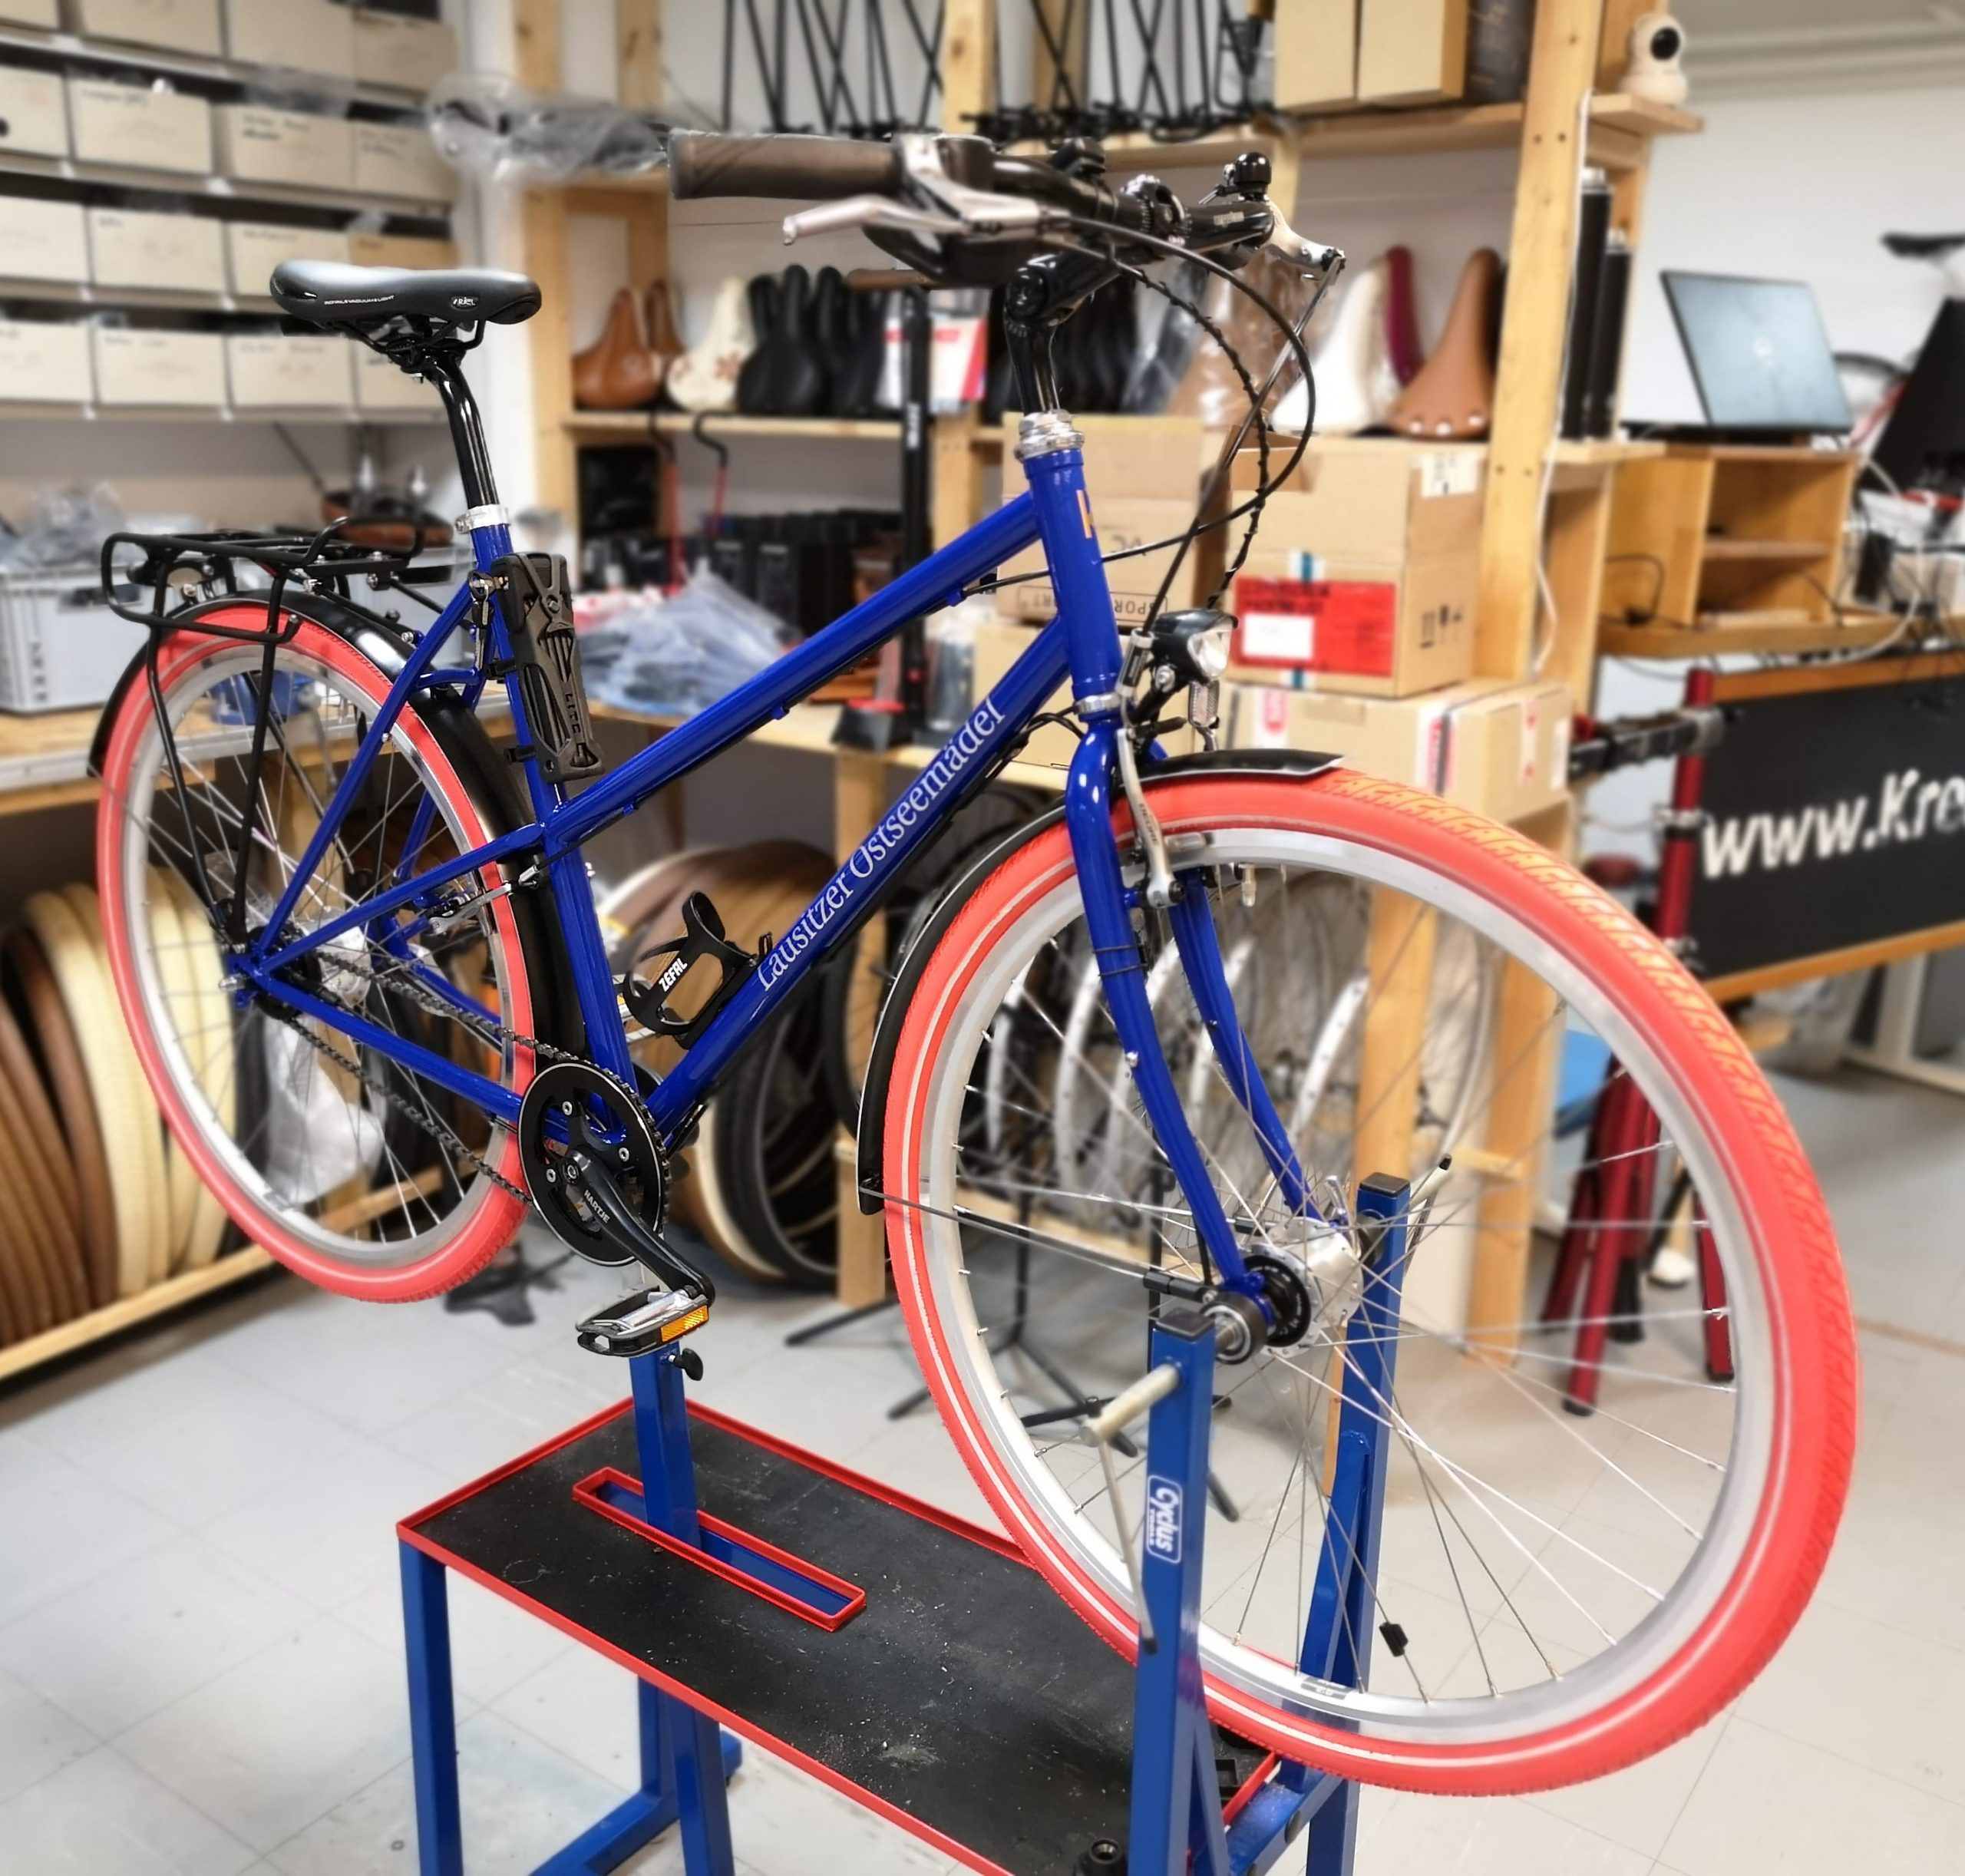 Stahlrahmen Fahrrad in Ultramarienblau. Fahrrad mit roten Reifen und individueller Beschriftung.